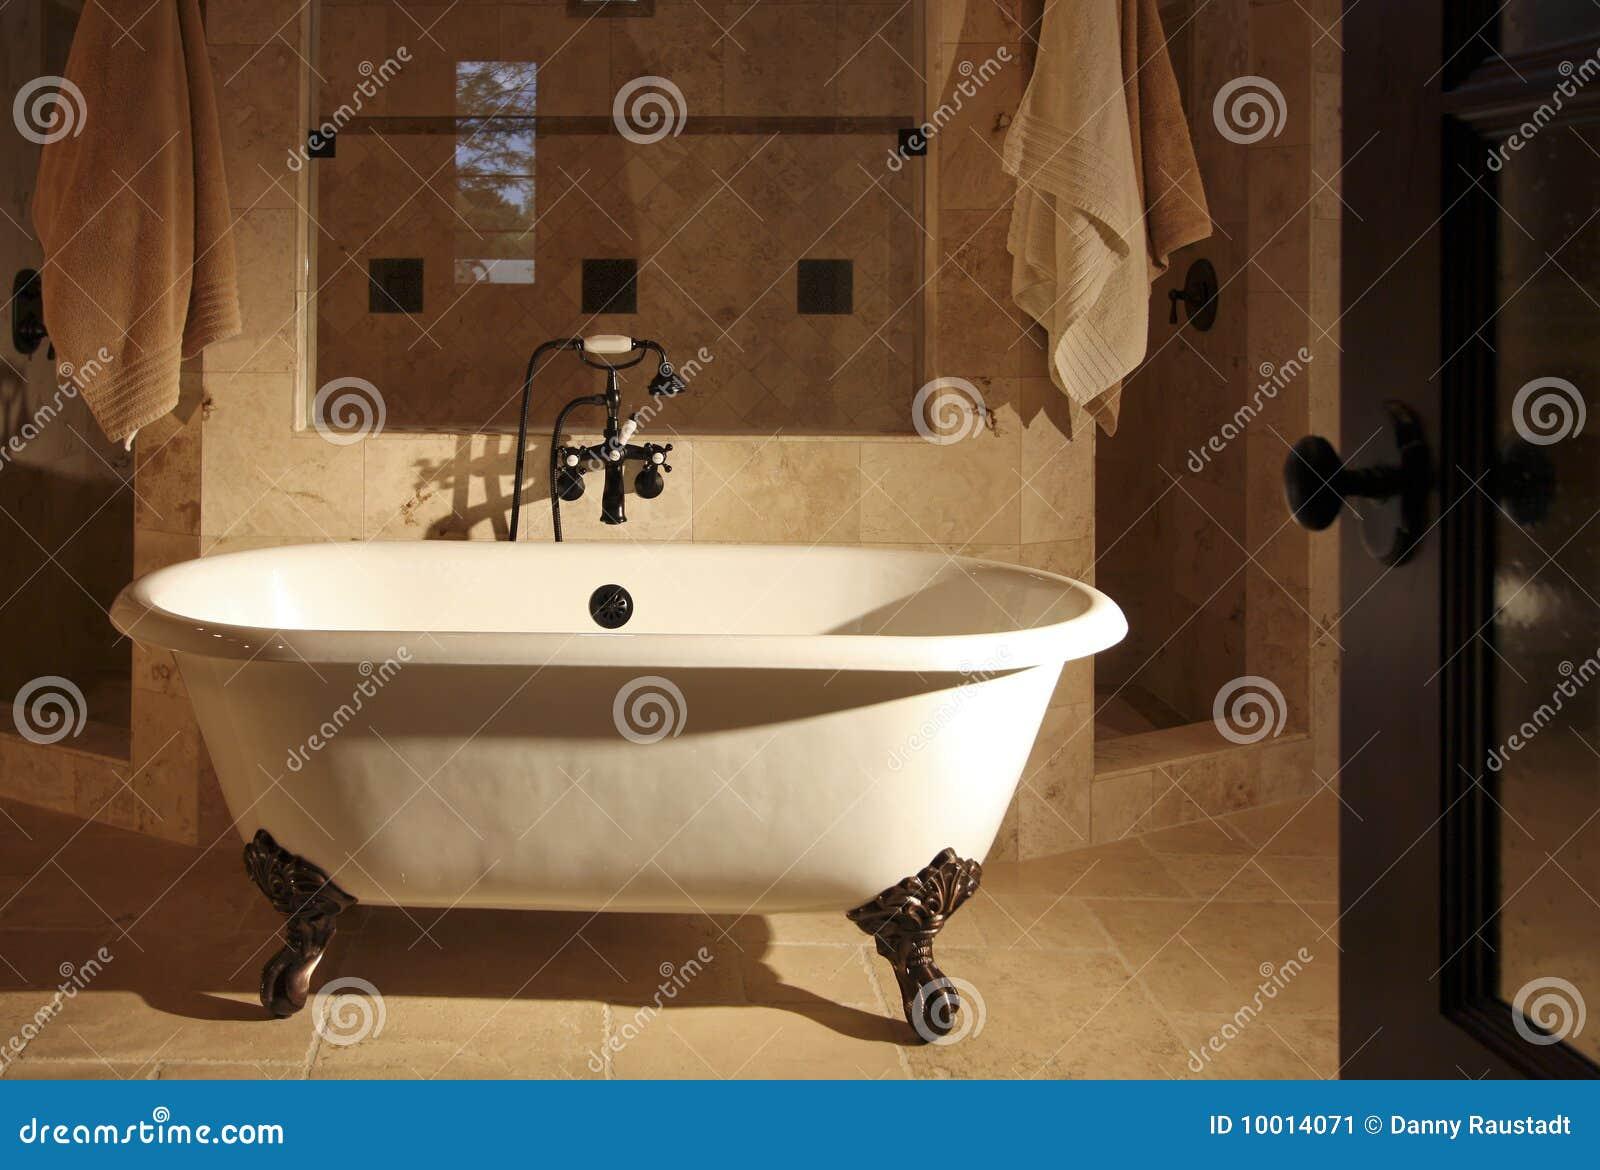 Retro Claw Foot Bathroom Tub